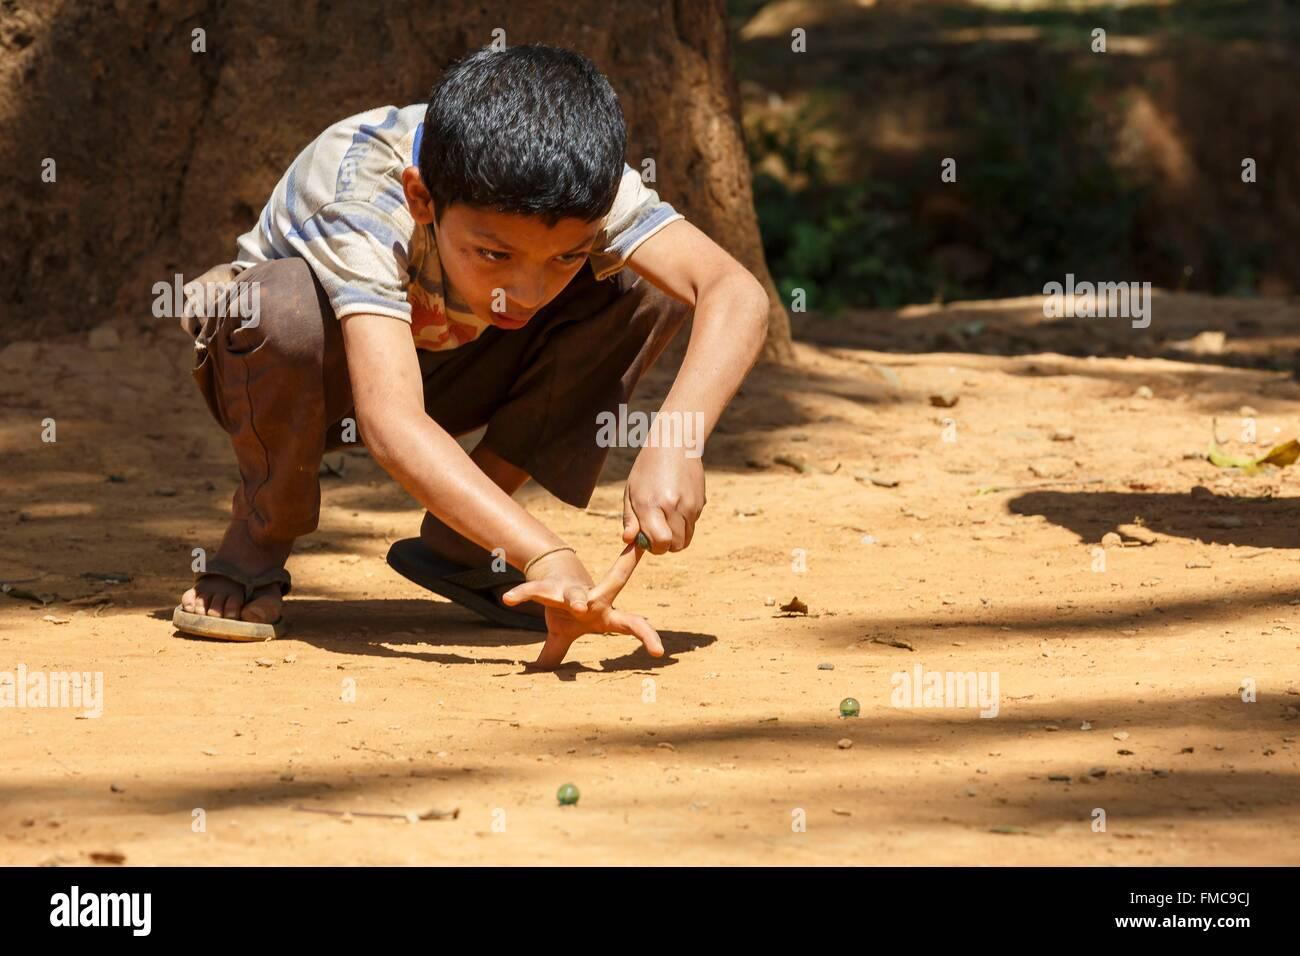 Nepal, Bagmati zone, Nuwakot, kid playing marbles - Stock Image